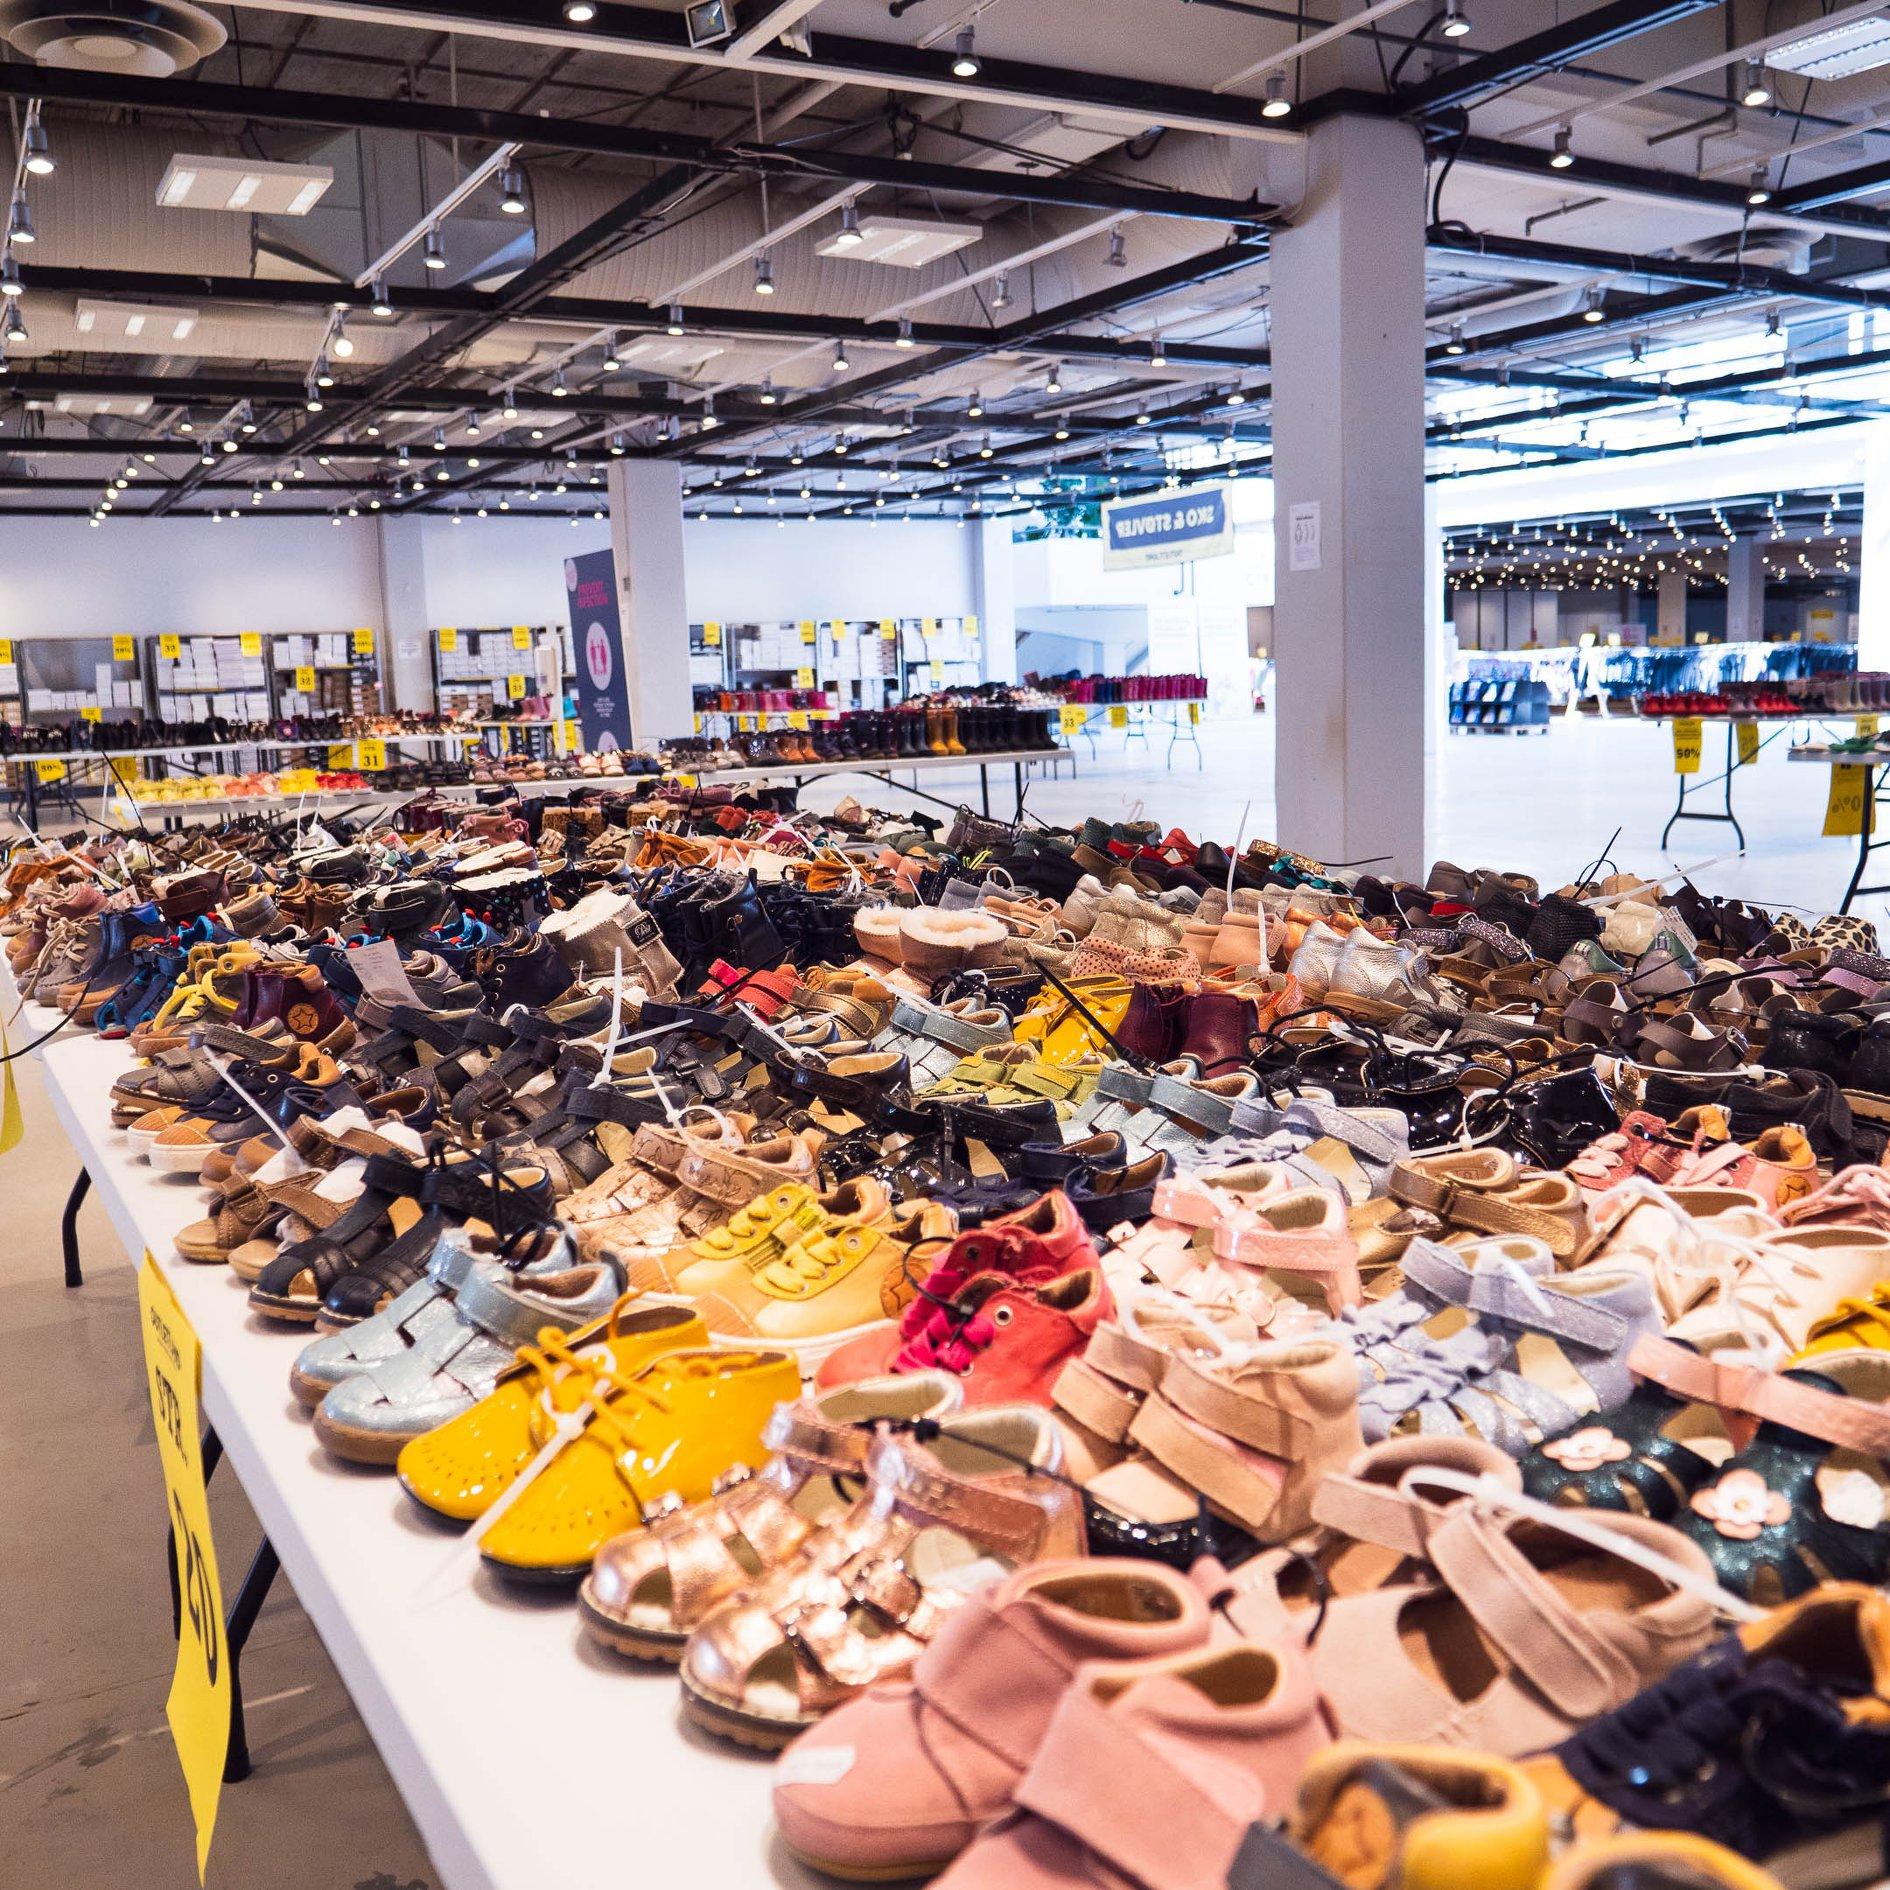 Spar op til 80%: Danmarks største børnetøjs-outlet åbner snart kæmpe butik